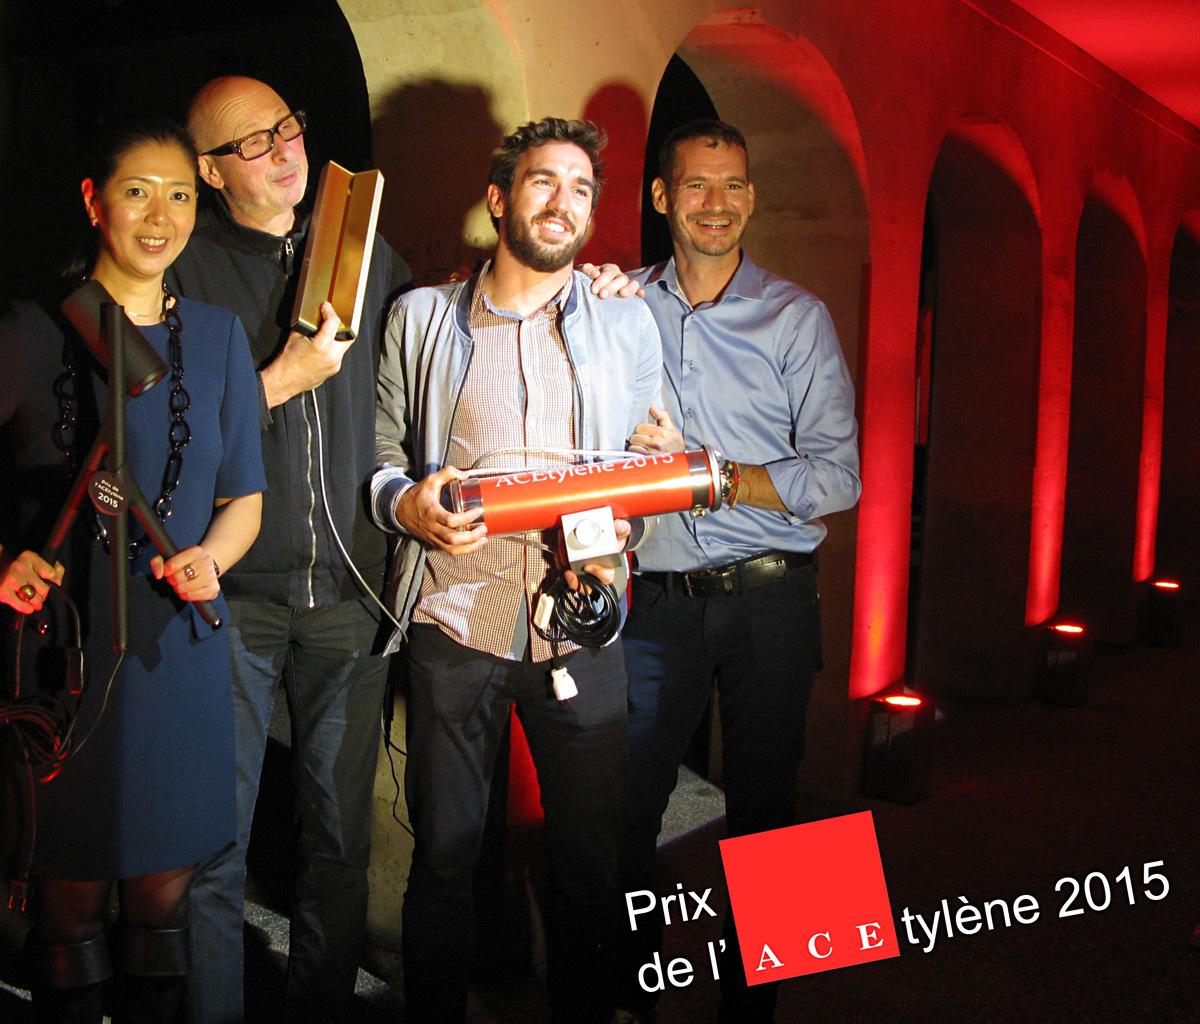 Prix de l'ACEtylène 2015, lauréats concepteurs lumière - Photo ACE